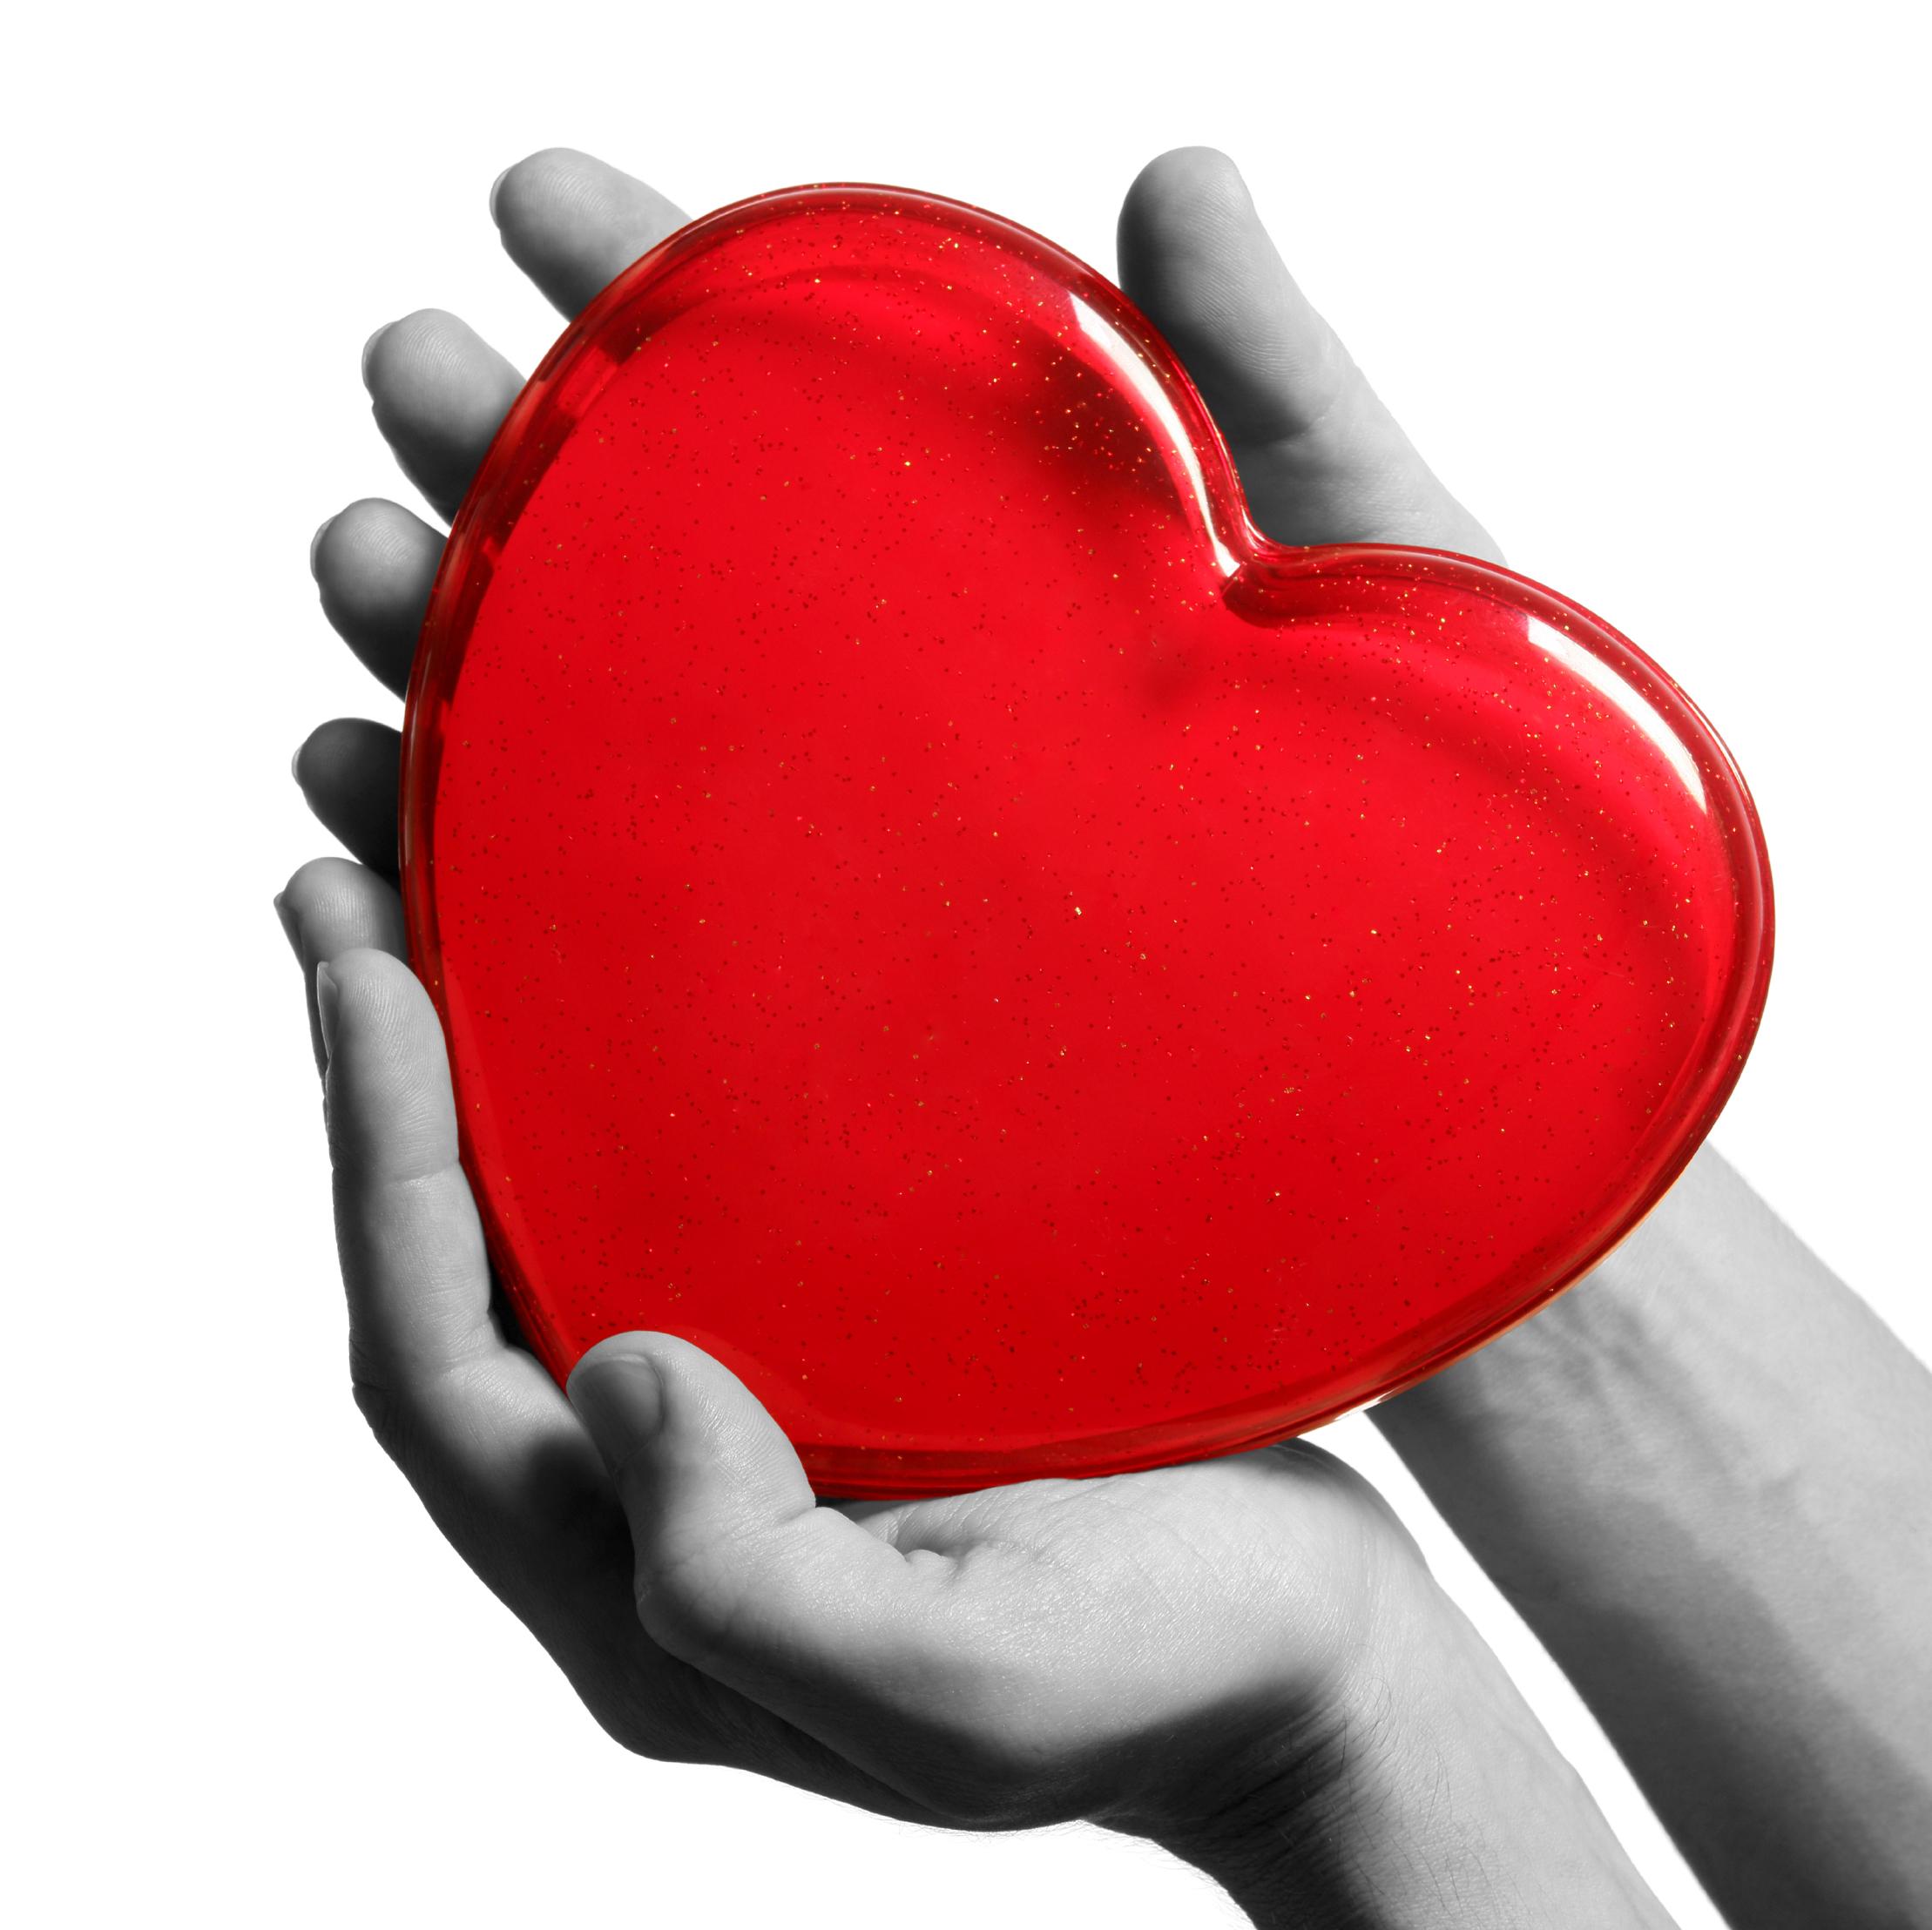 Большое красное сердце в руках, скачать фото, обои на рабочий стол, red heart in hands